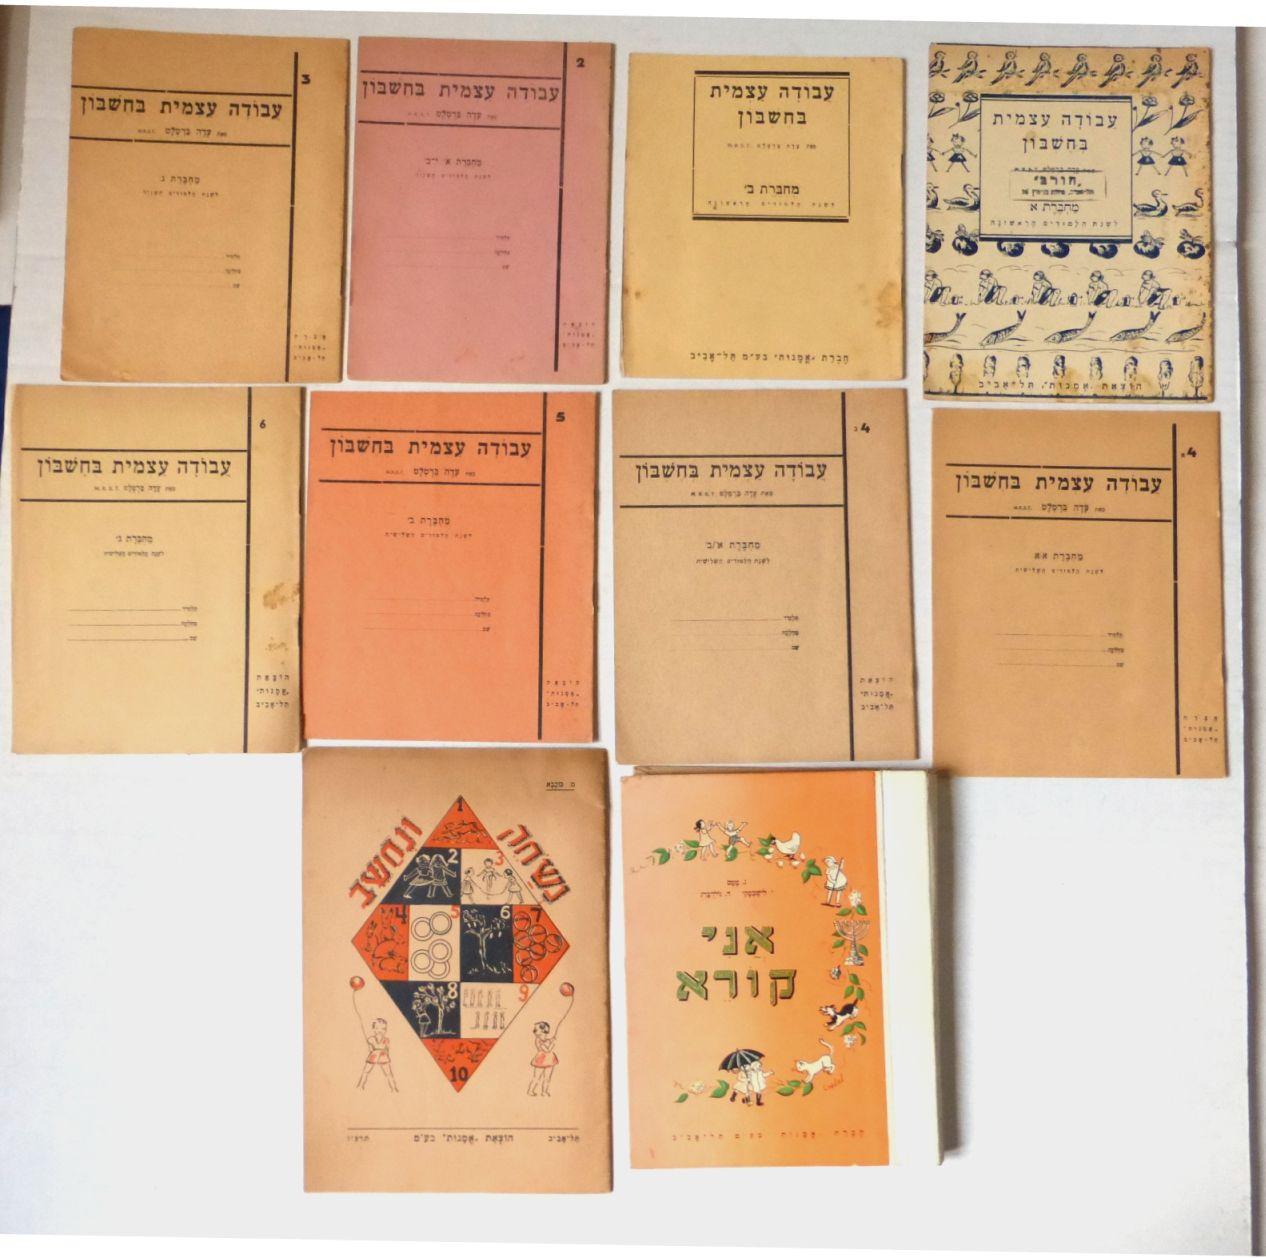 """עשר חוברות וספרי לימוד, הוצ' אמנות ת""""א: מ. כוכבא, נשחק ונחשב, תרצ""""ו, עדה ברטלט, עבודה עצמית בחשבון לשנת הלימודים הראשונהא, 1935, ב' 1943, לשנת הלימודים השניה, א-ב, 1945, ג 1937, לשנת הלימודים השלישית, א 1937, א-ב 1937, ב 1943, ג, 1945, נ. טמס-י.לישבסקי-ה. גולדברג,"""